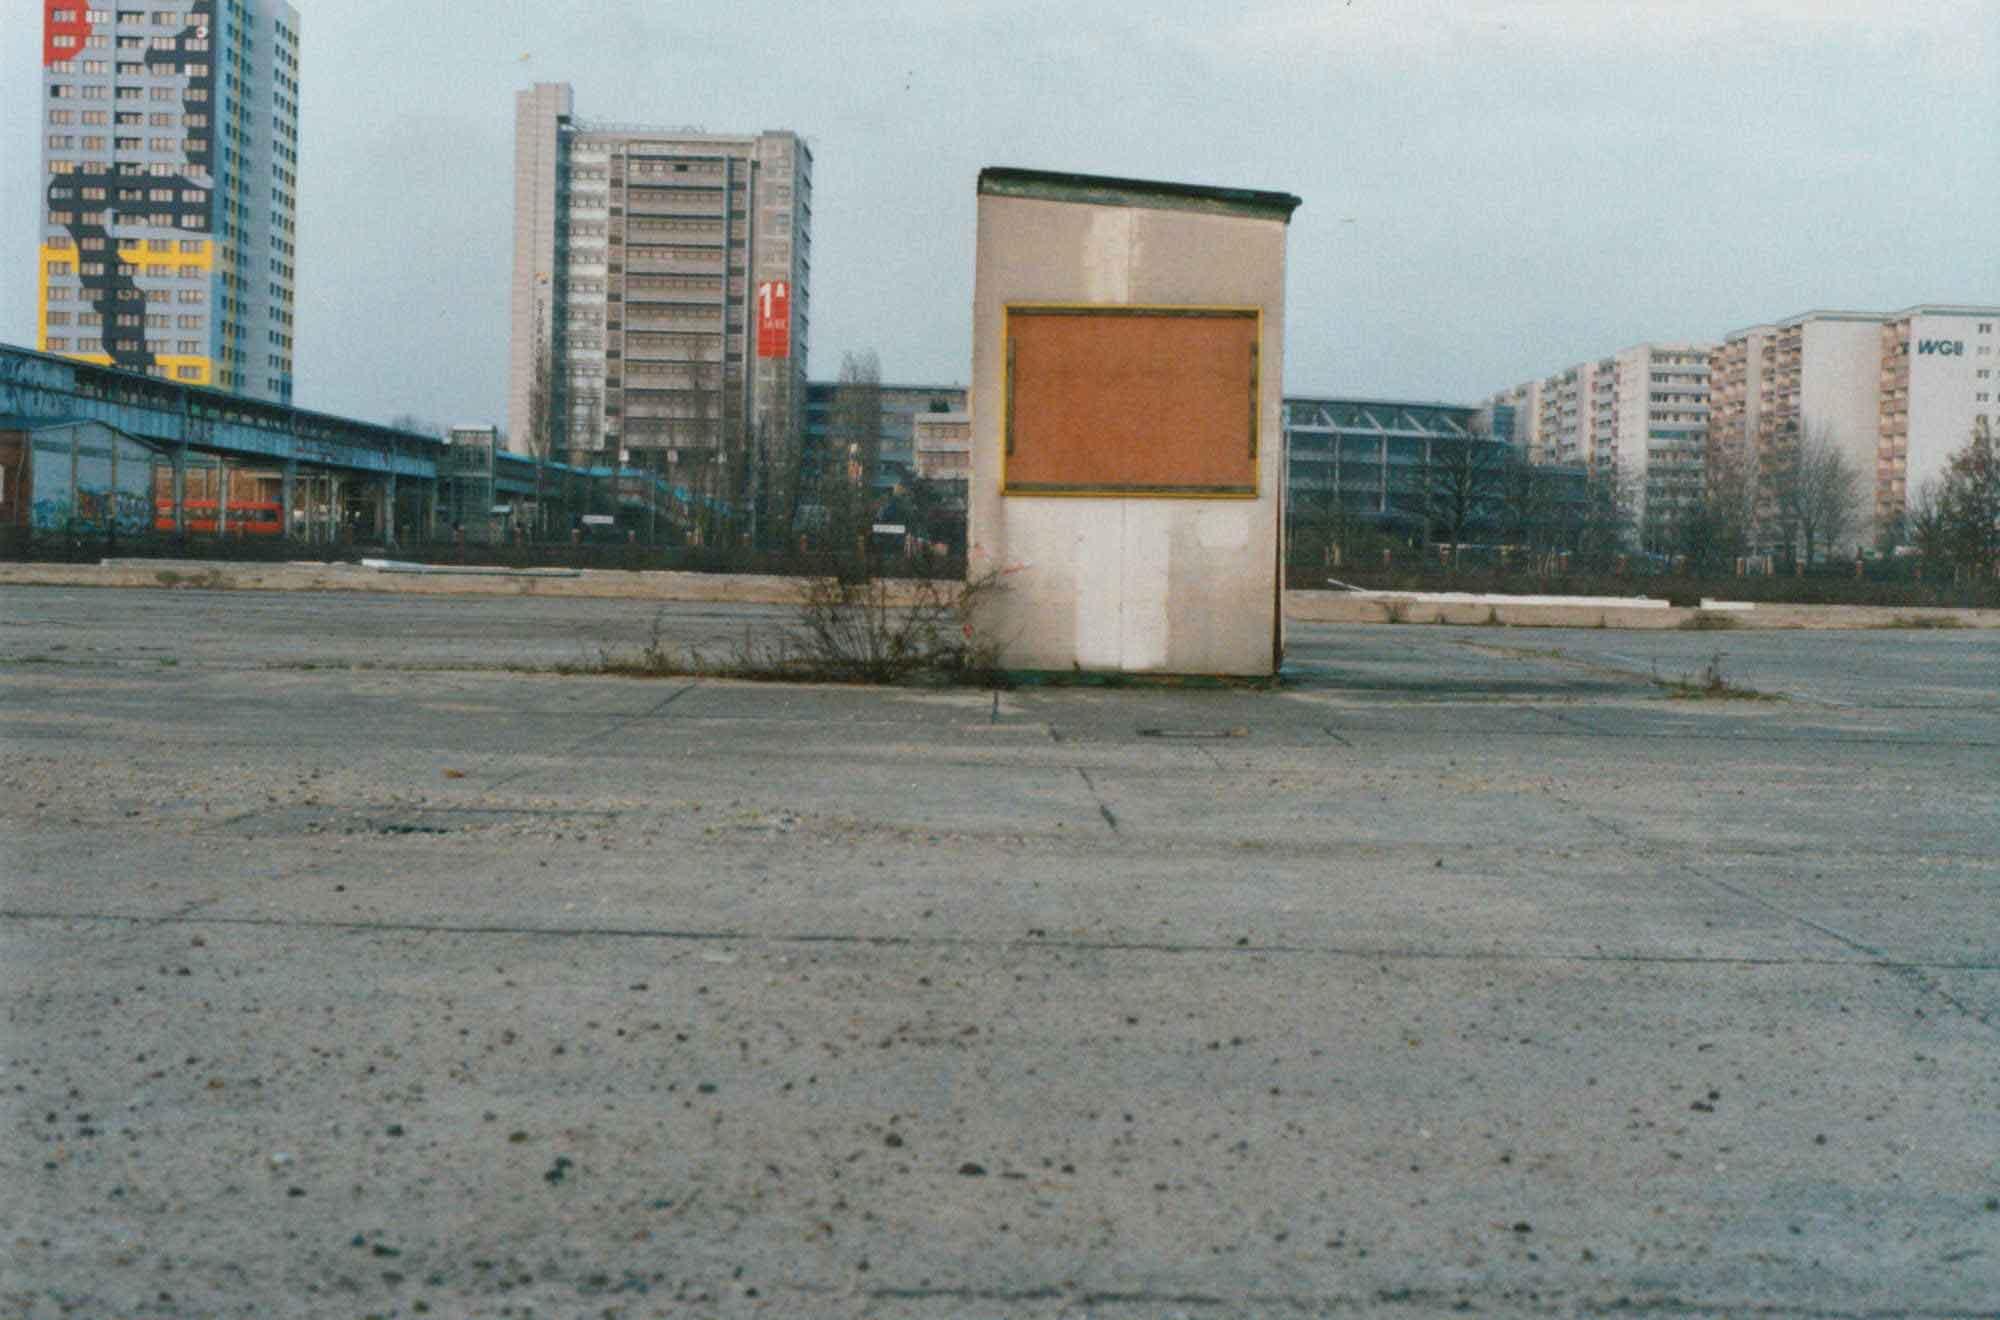 Friedrichshain - Berlin, 2001